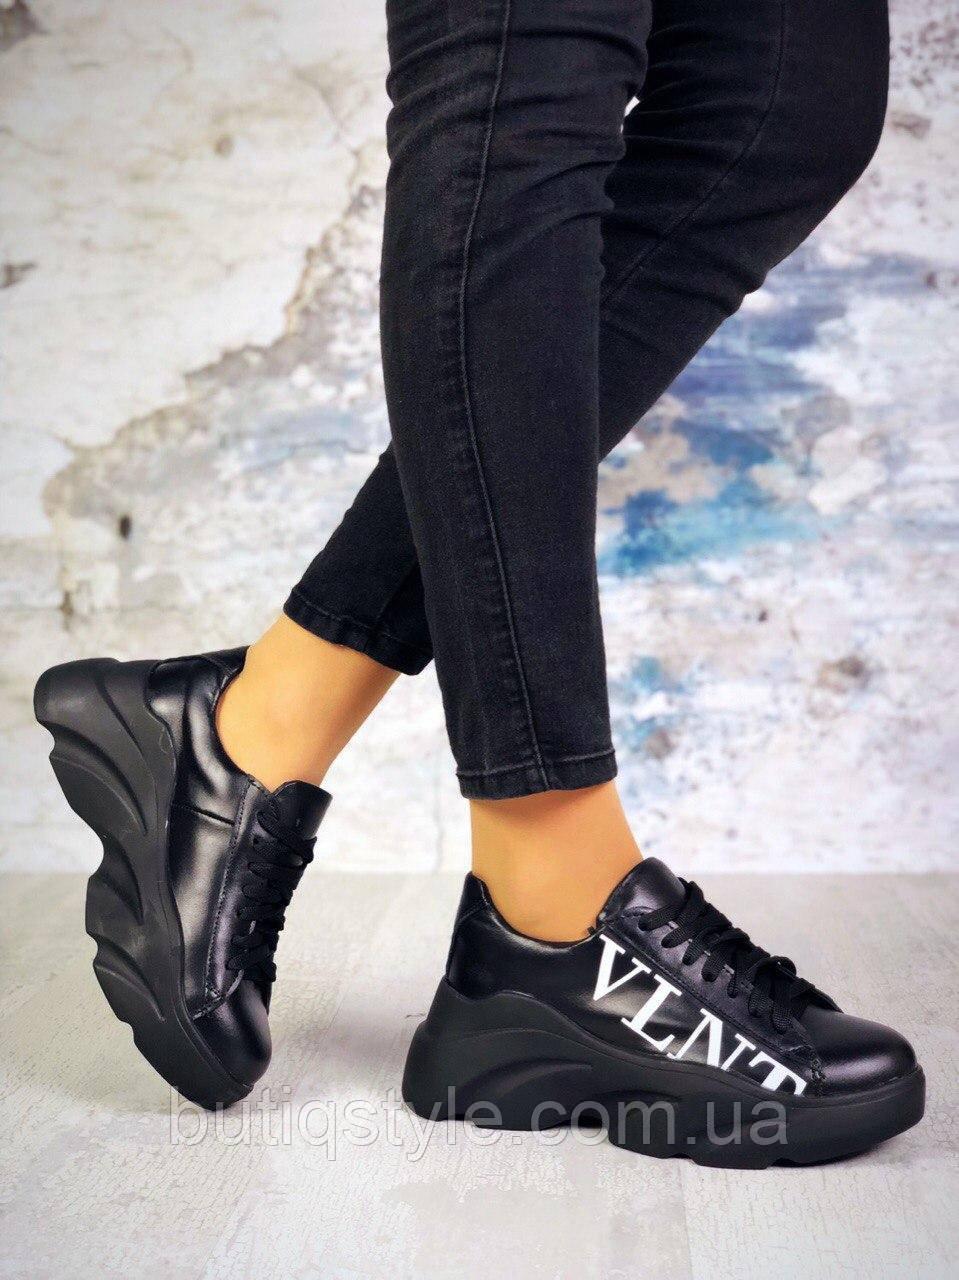 39,40 размер Женские черные кроссовки VLNT натуральная кожа на платформе